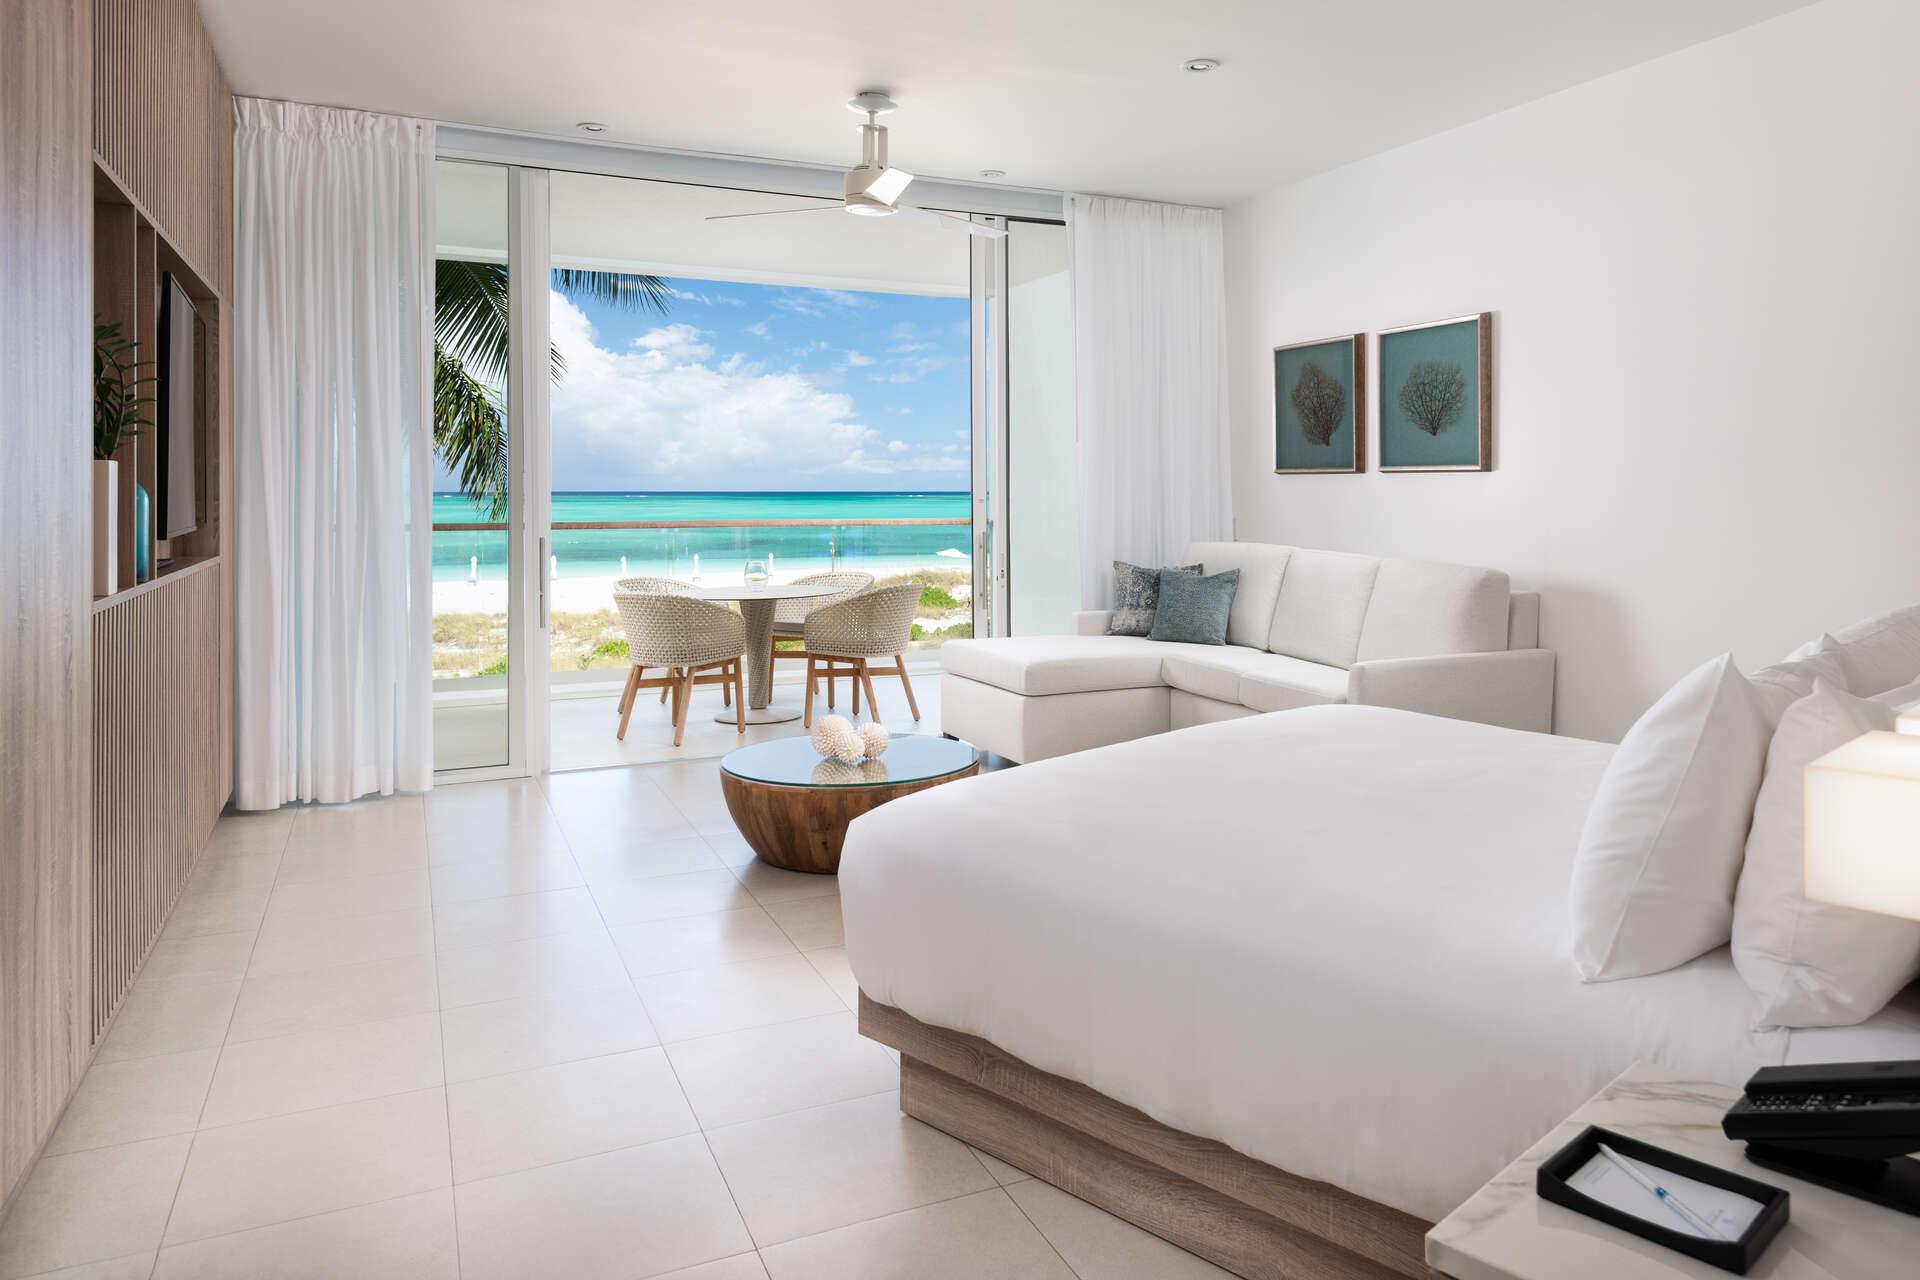 Luxury villa rentals caribbean - Turks and caicos - Providenciales - Wymara resort villas - Oceanfront Studio - Image 1/8